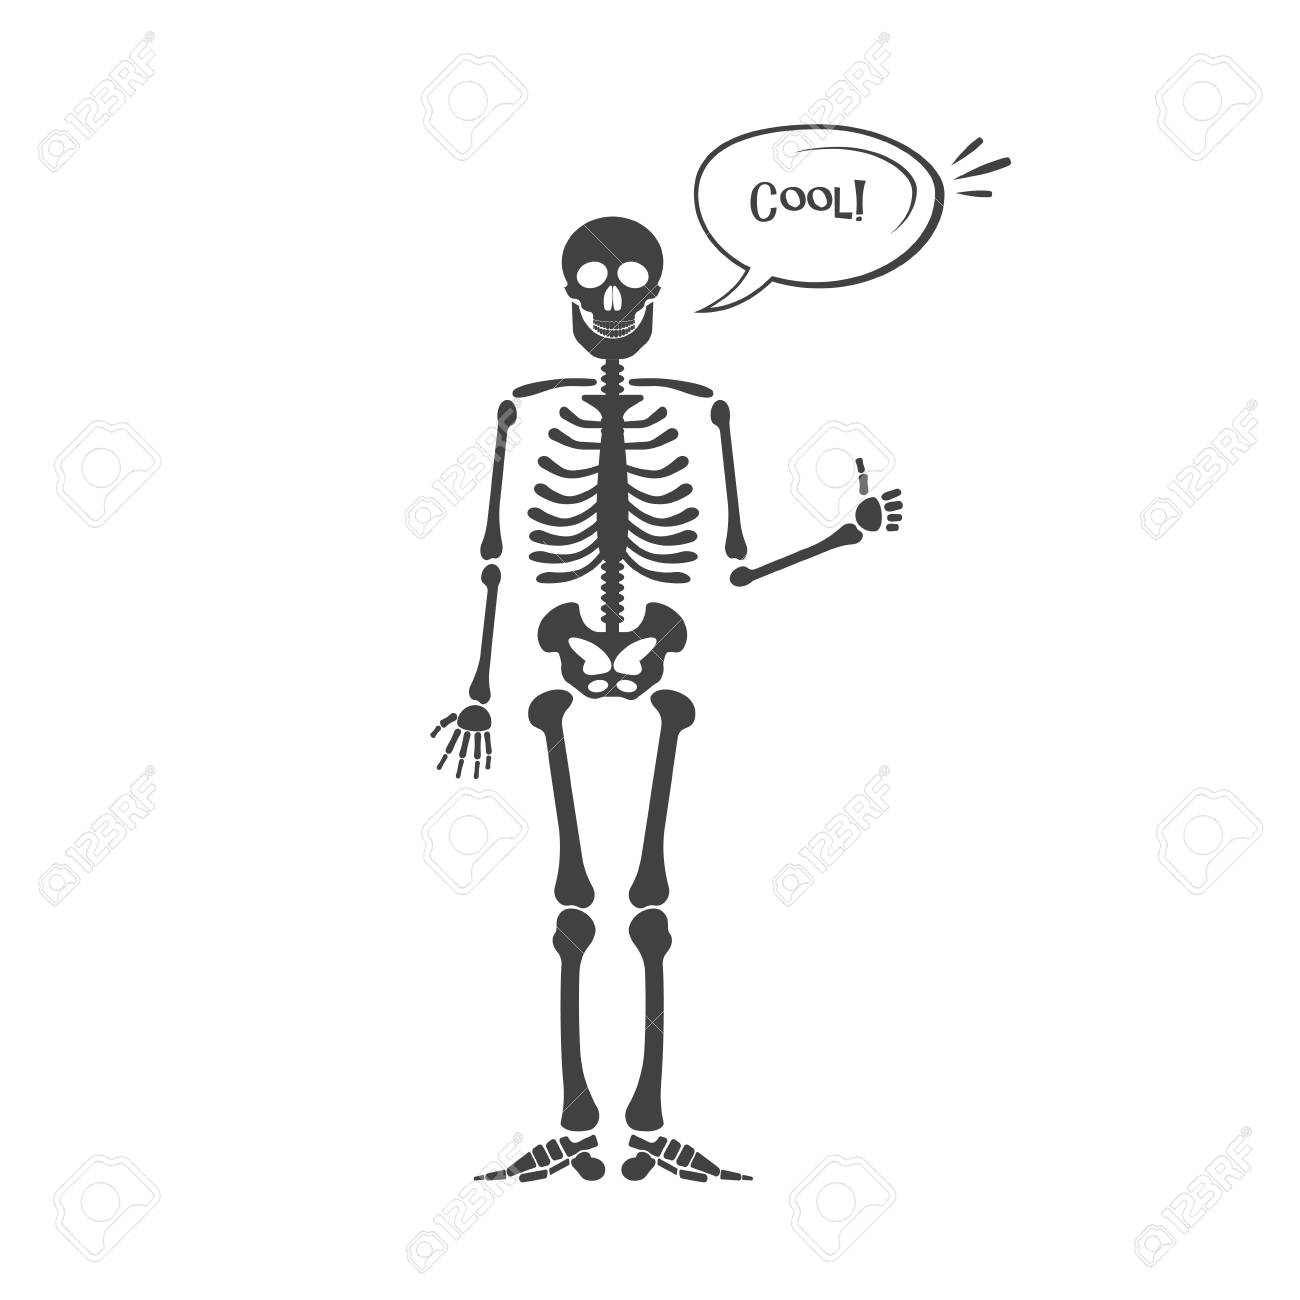 Skelett Menschliche Anatomie. Vektorhalloween-schwarzes Skelett ...